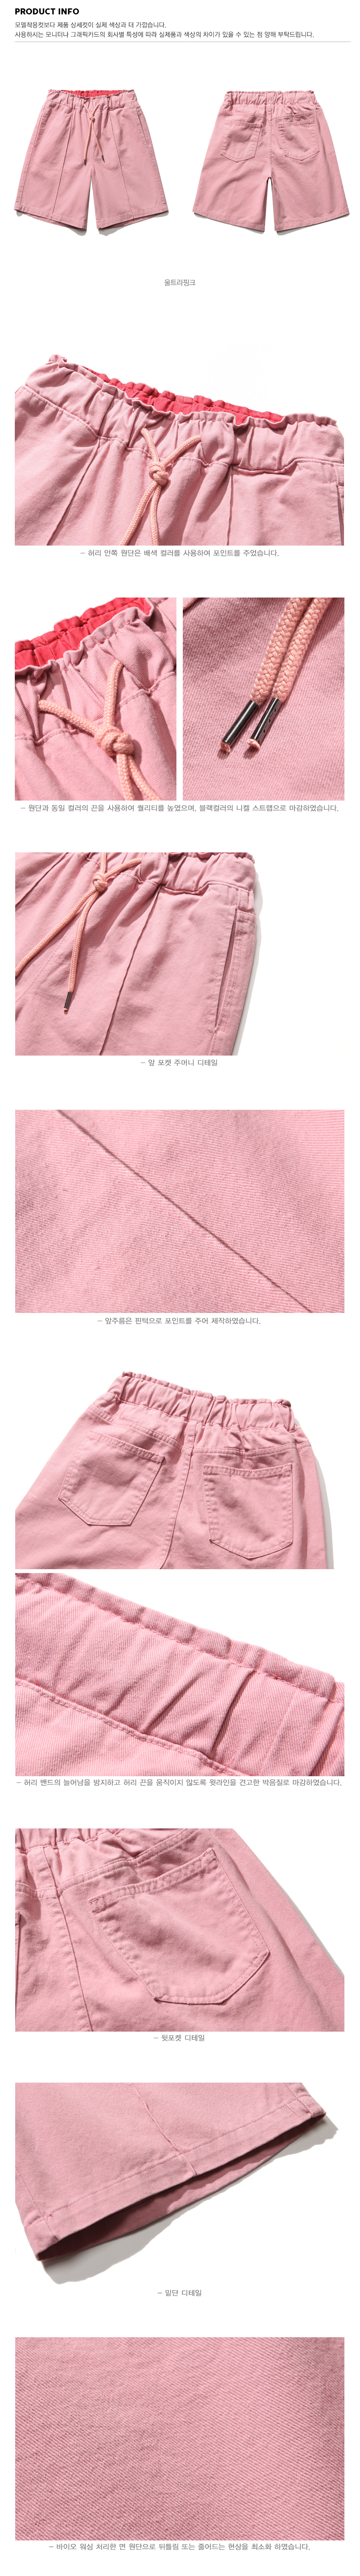 20180518_bio_washing_short_pants_detail_pink_kj.jpg